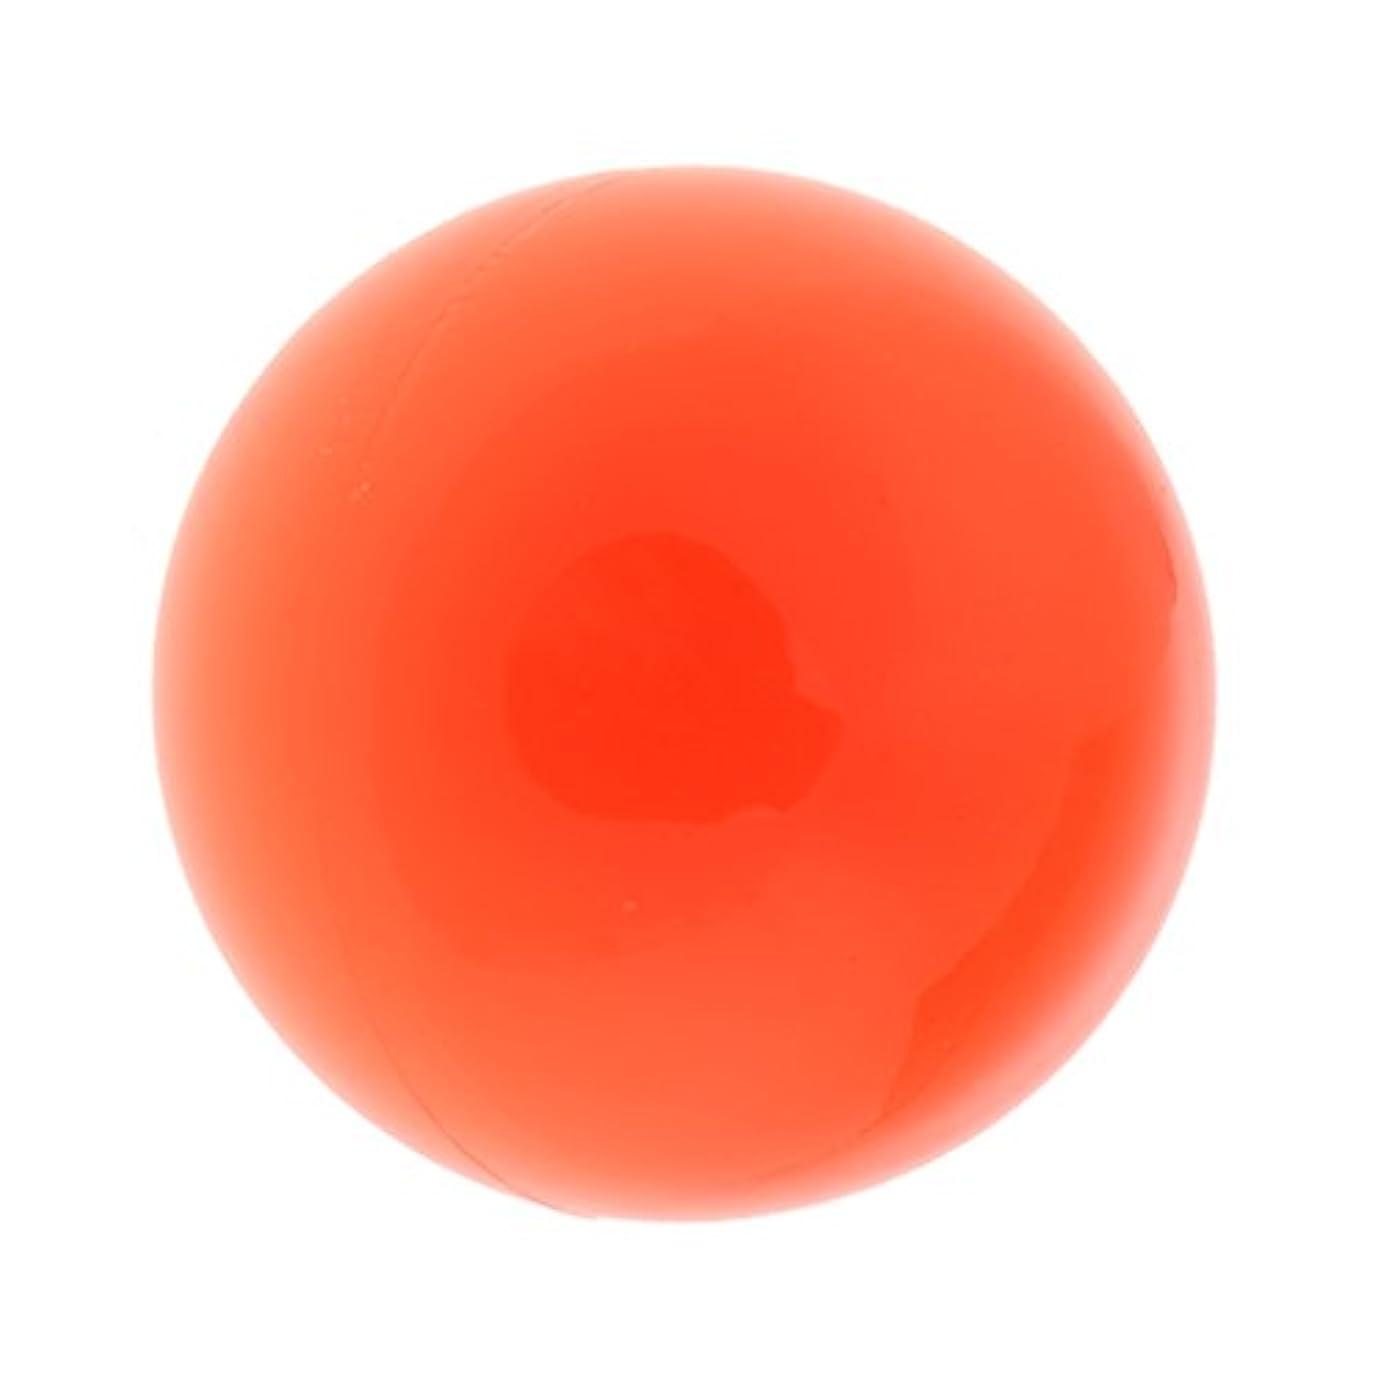 ケージセメント散髪マッサージボール エコフレンドリーPVC 74mm マッサージ ポイントマッサージ ボール ソフト トレーニング